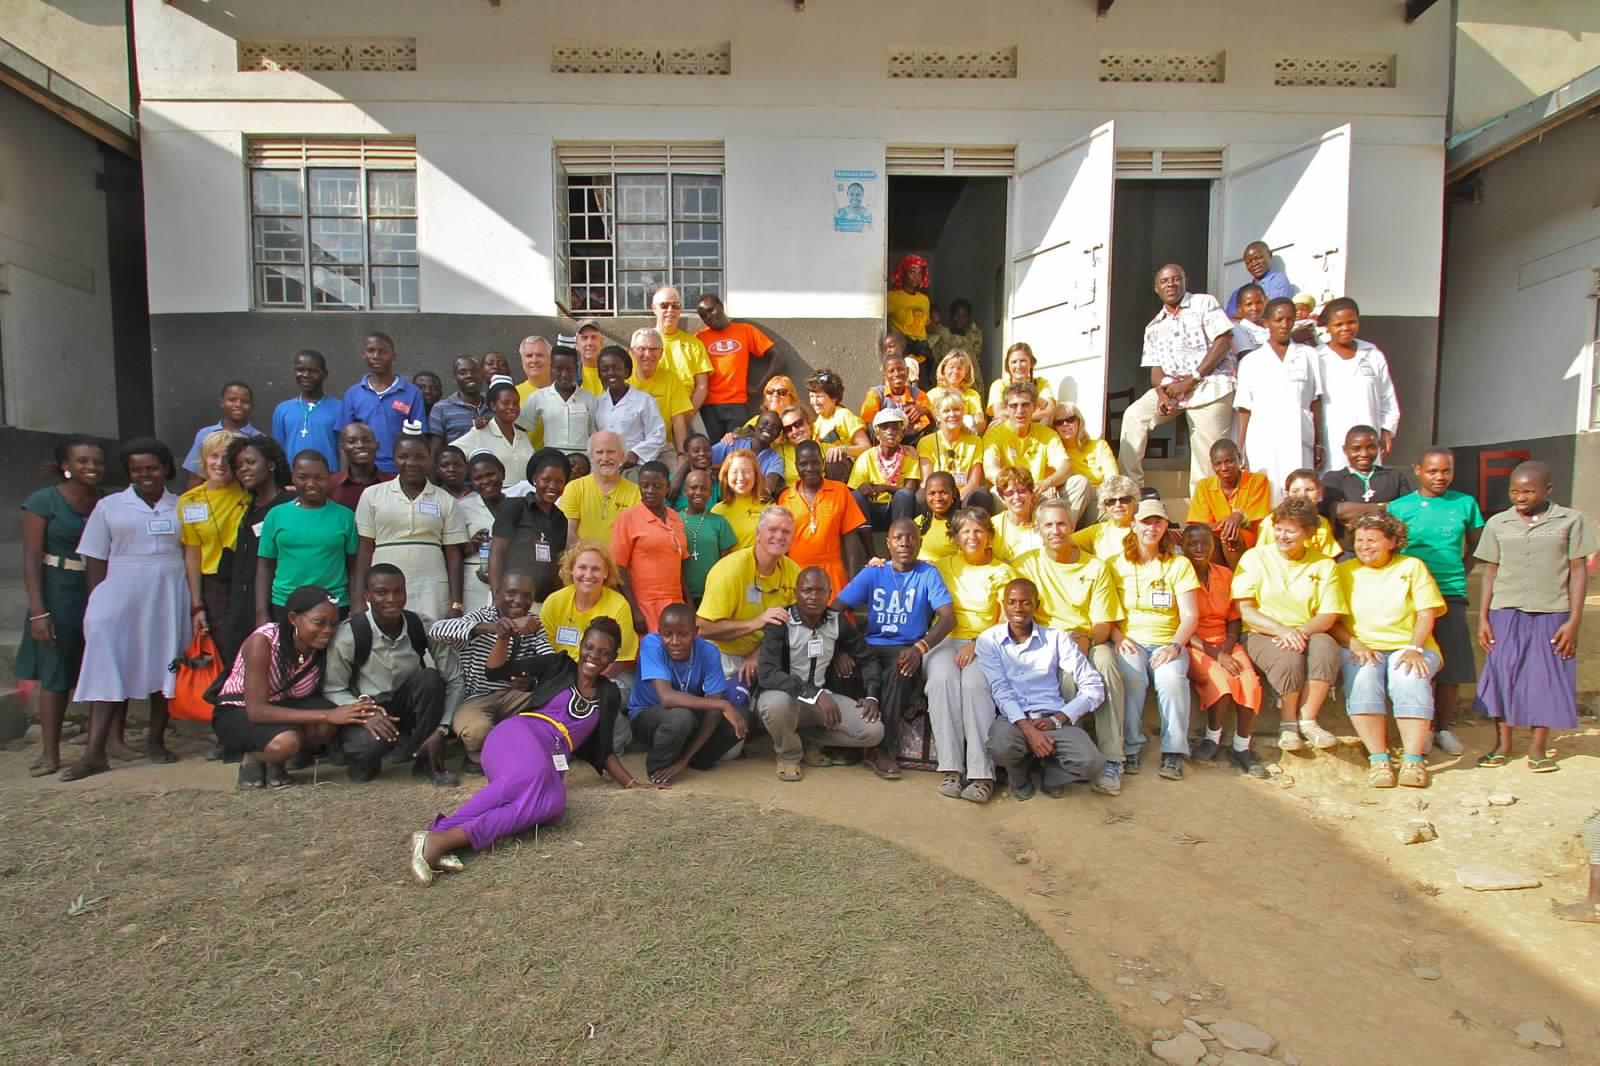 2012 Mission Team